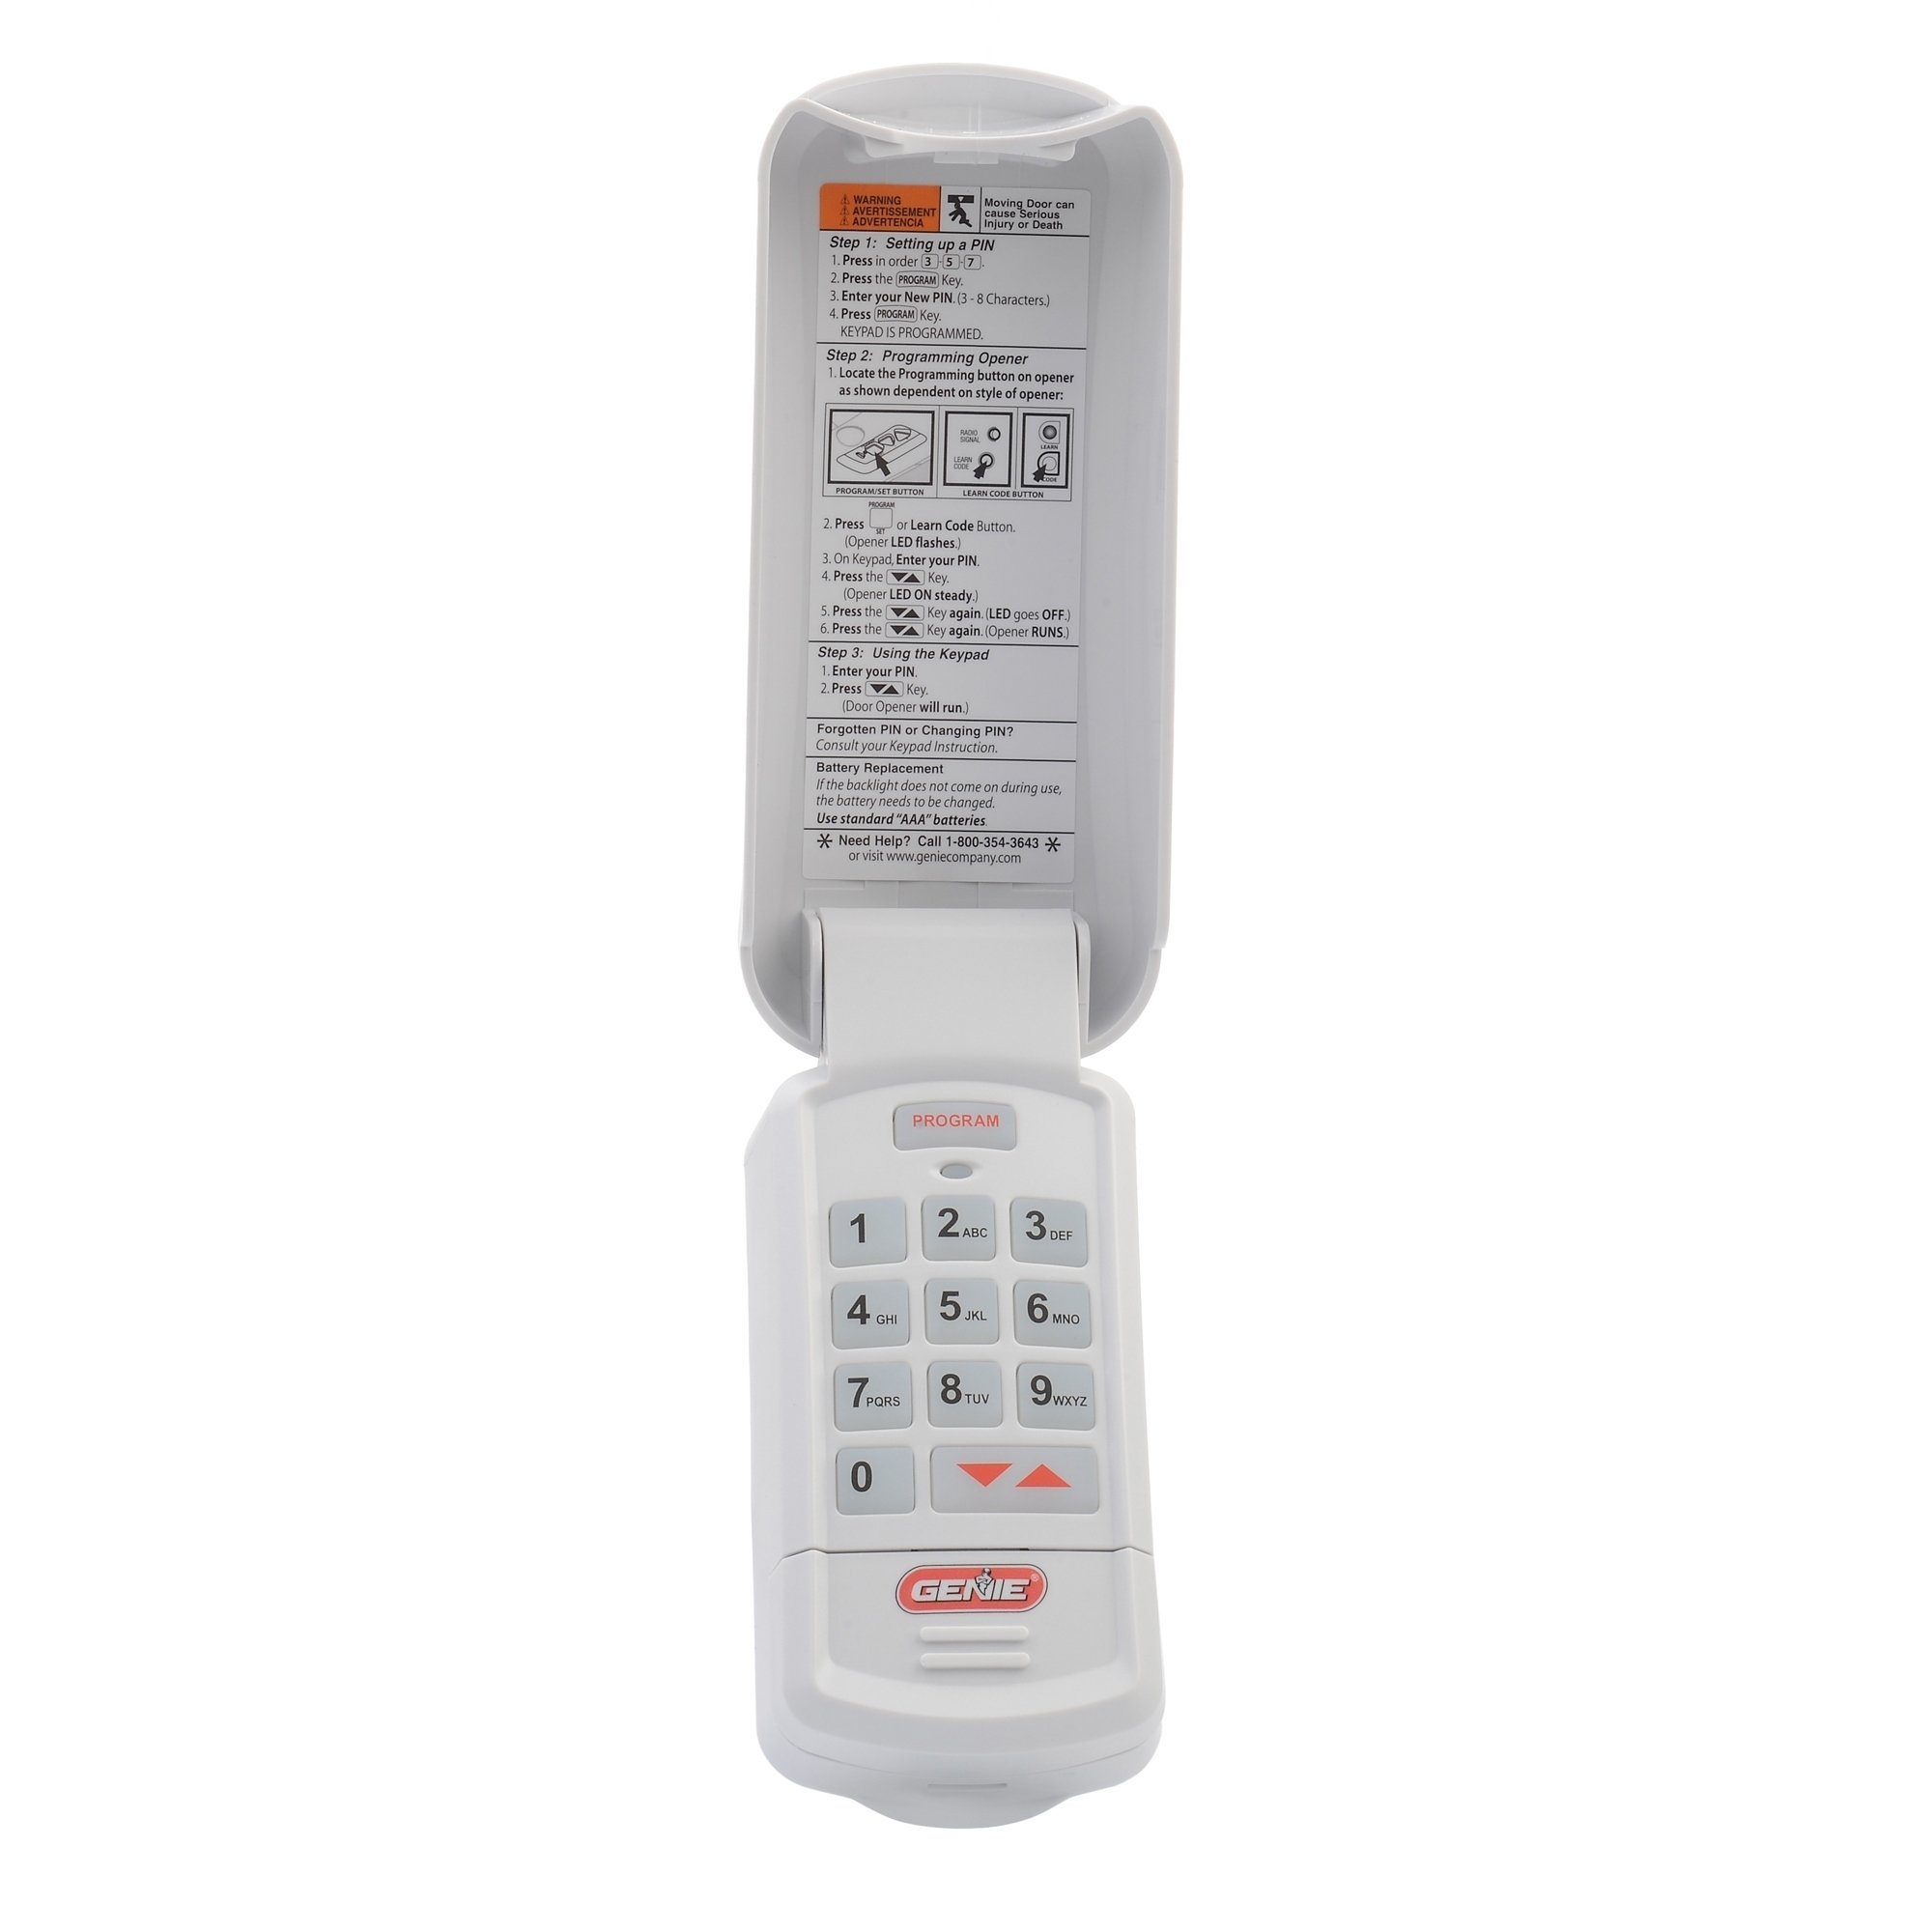 Genie Intellicode Garage Door Opener Wireless Keyless Keypad Garage Door Opener Wireless Keypad White Genie Garage Door Garage Door Opener Remote Garage Door Keypad